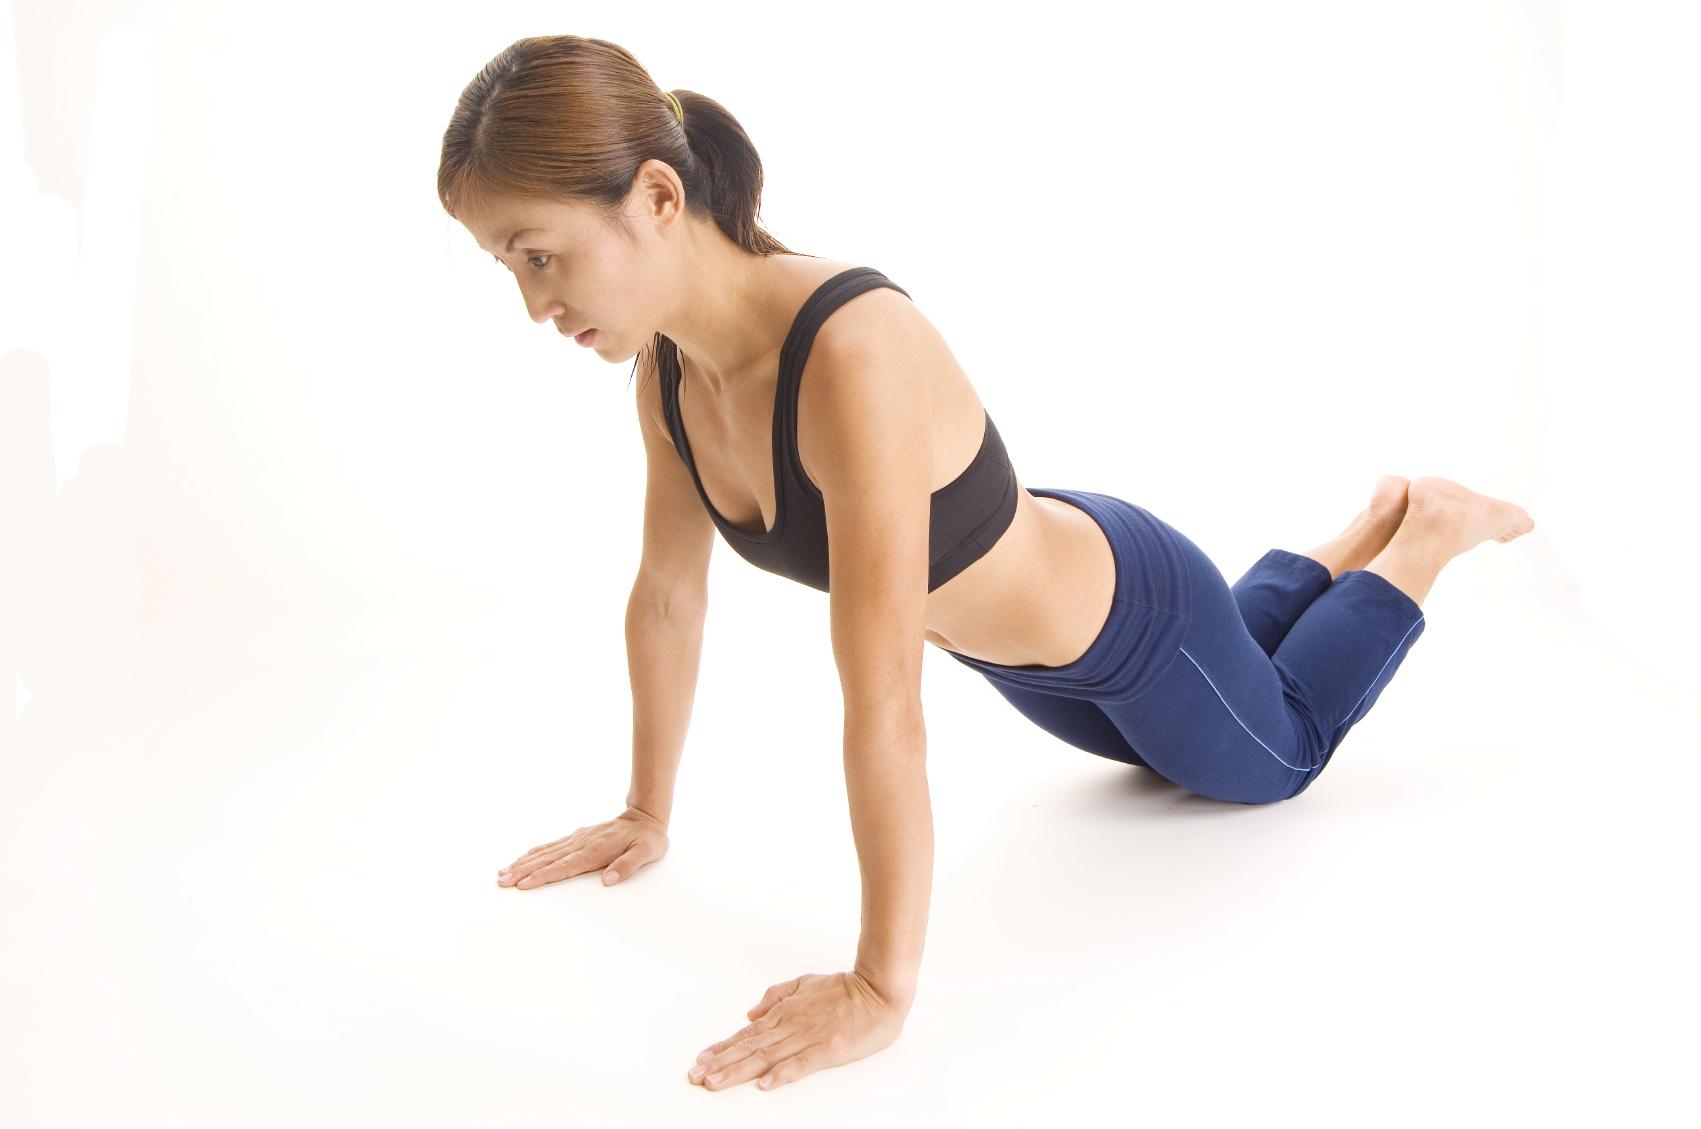 Упражнения для трицепса для женщин в домашних условиях и в тренажерном зале